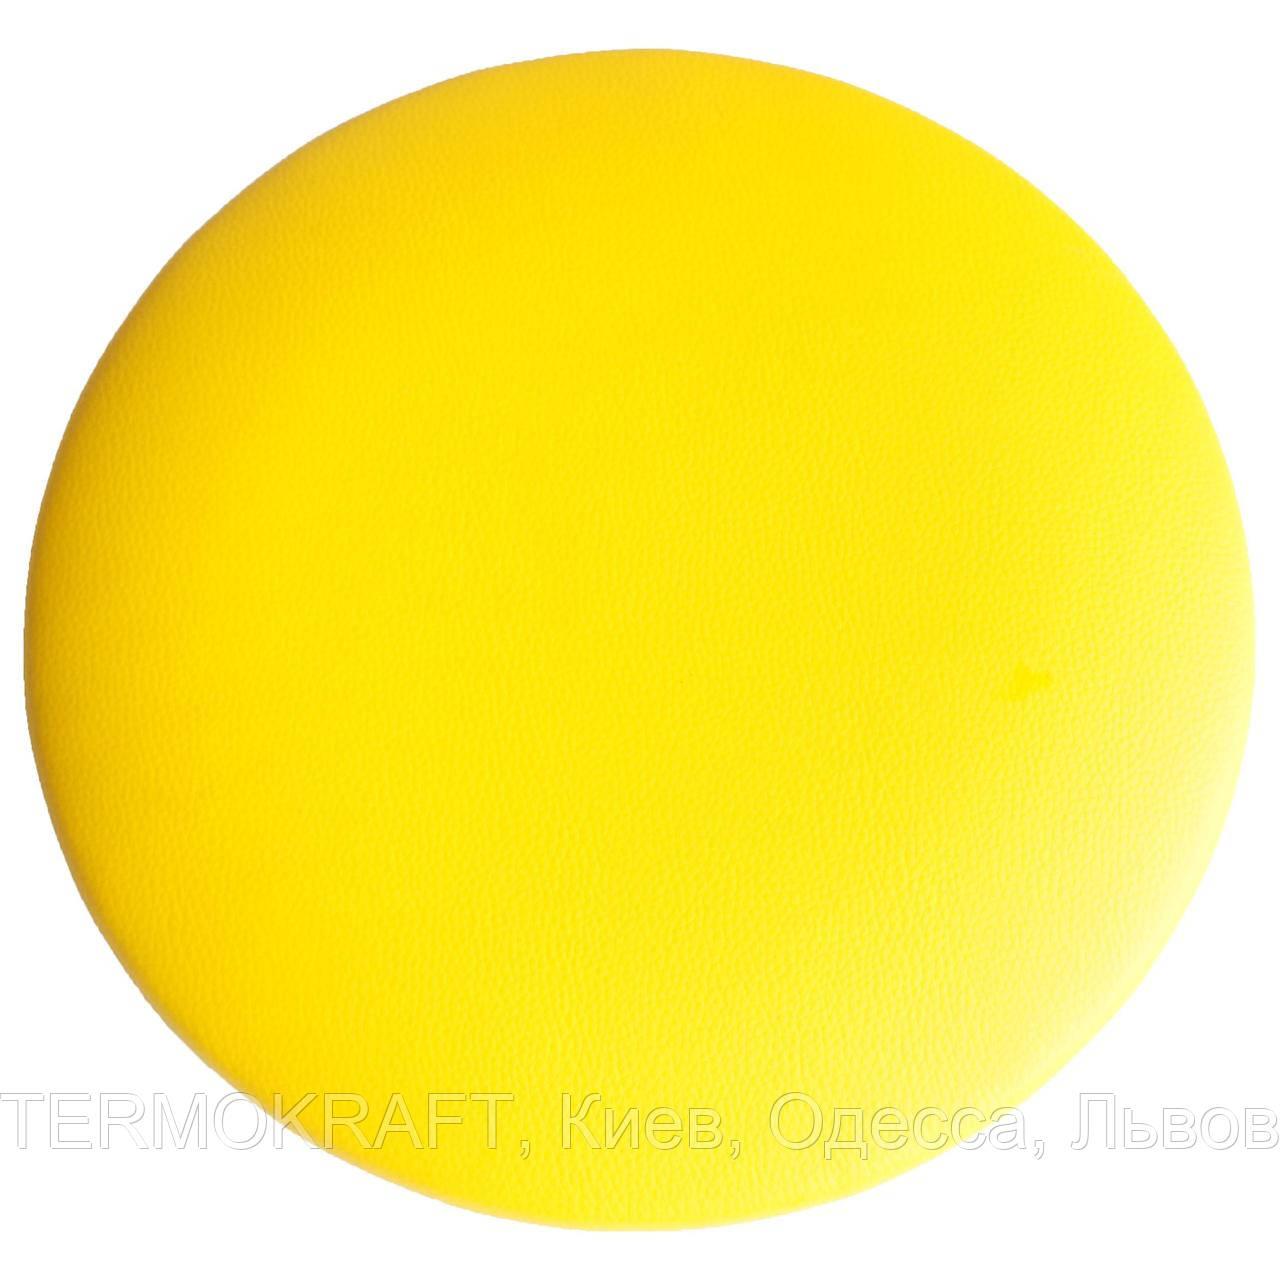 Сидіння стільця АНТ D-400 кругле Fly жовте